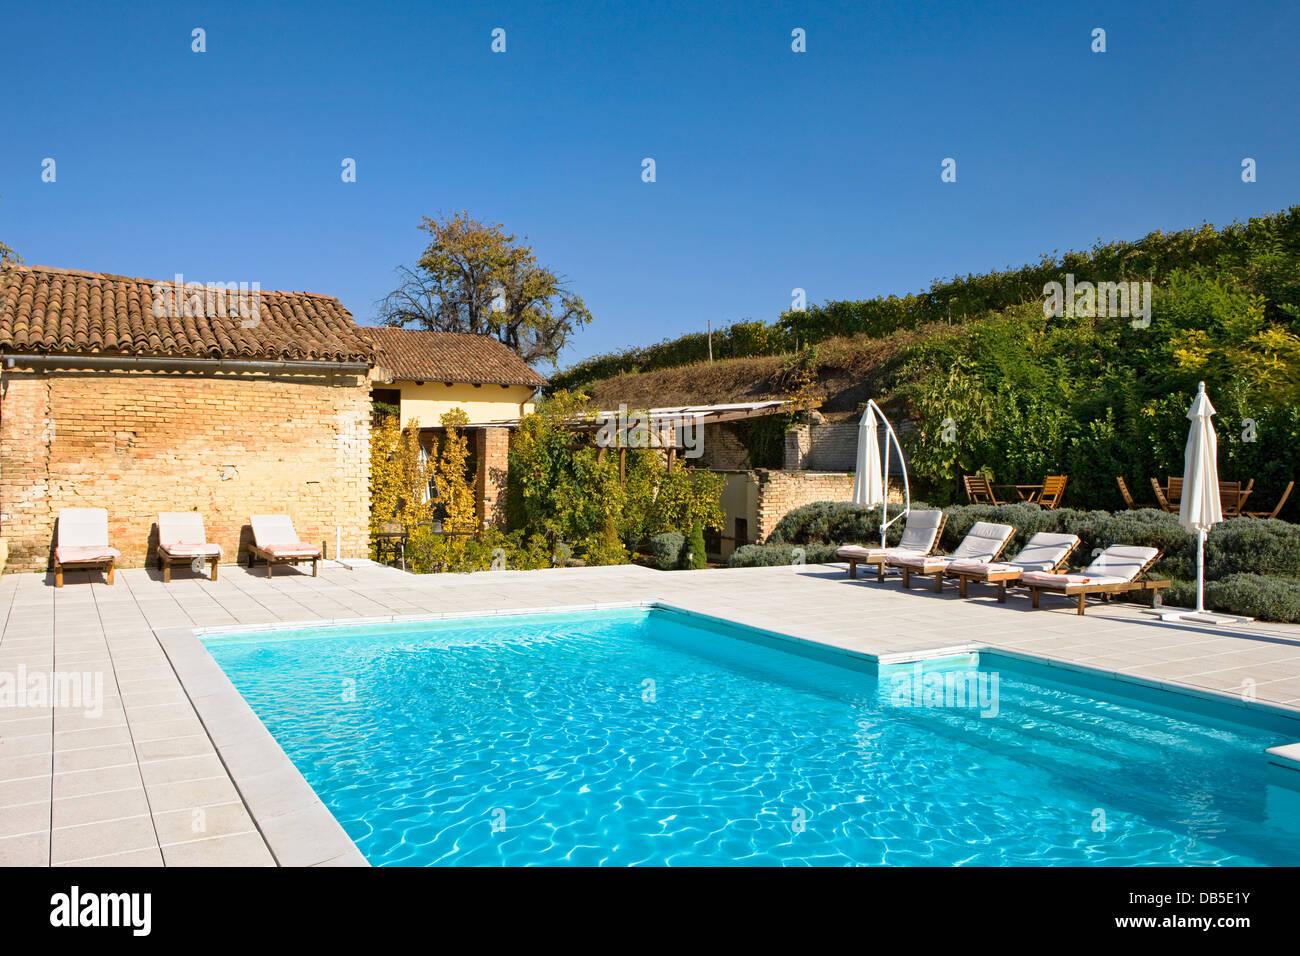 Piscine All Aperto Piemonte l'italia, piemonte, a mombaruzzo, la villa hotel, la piscina